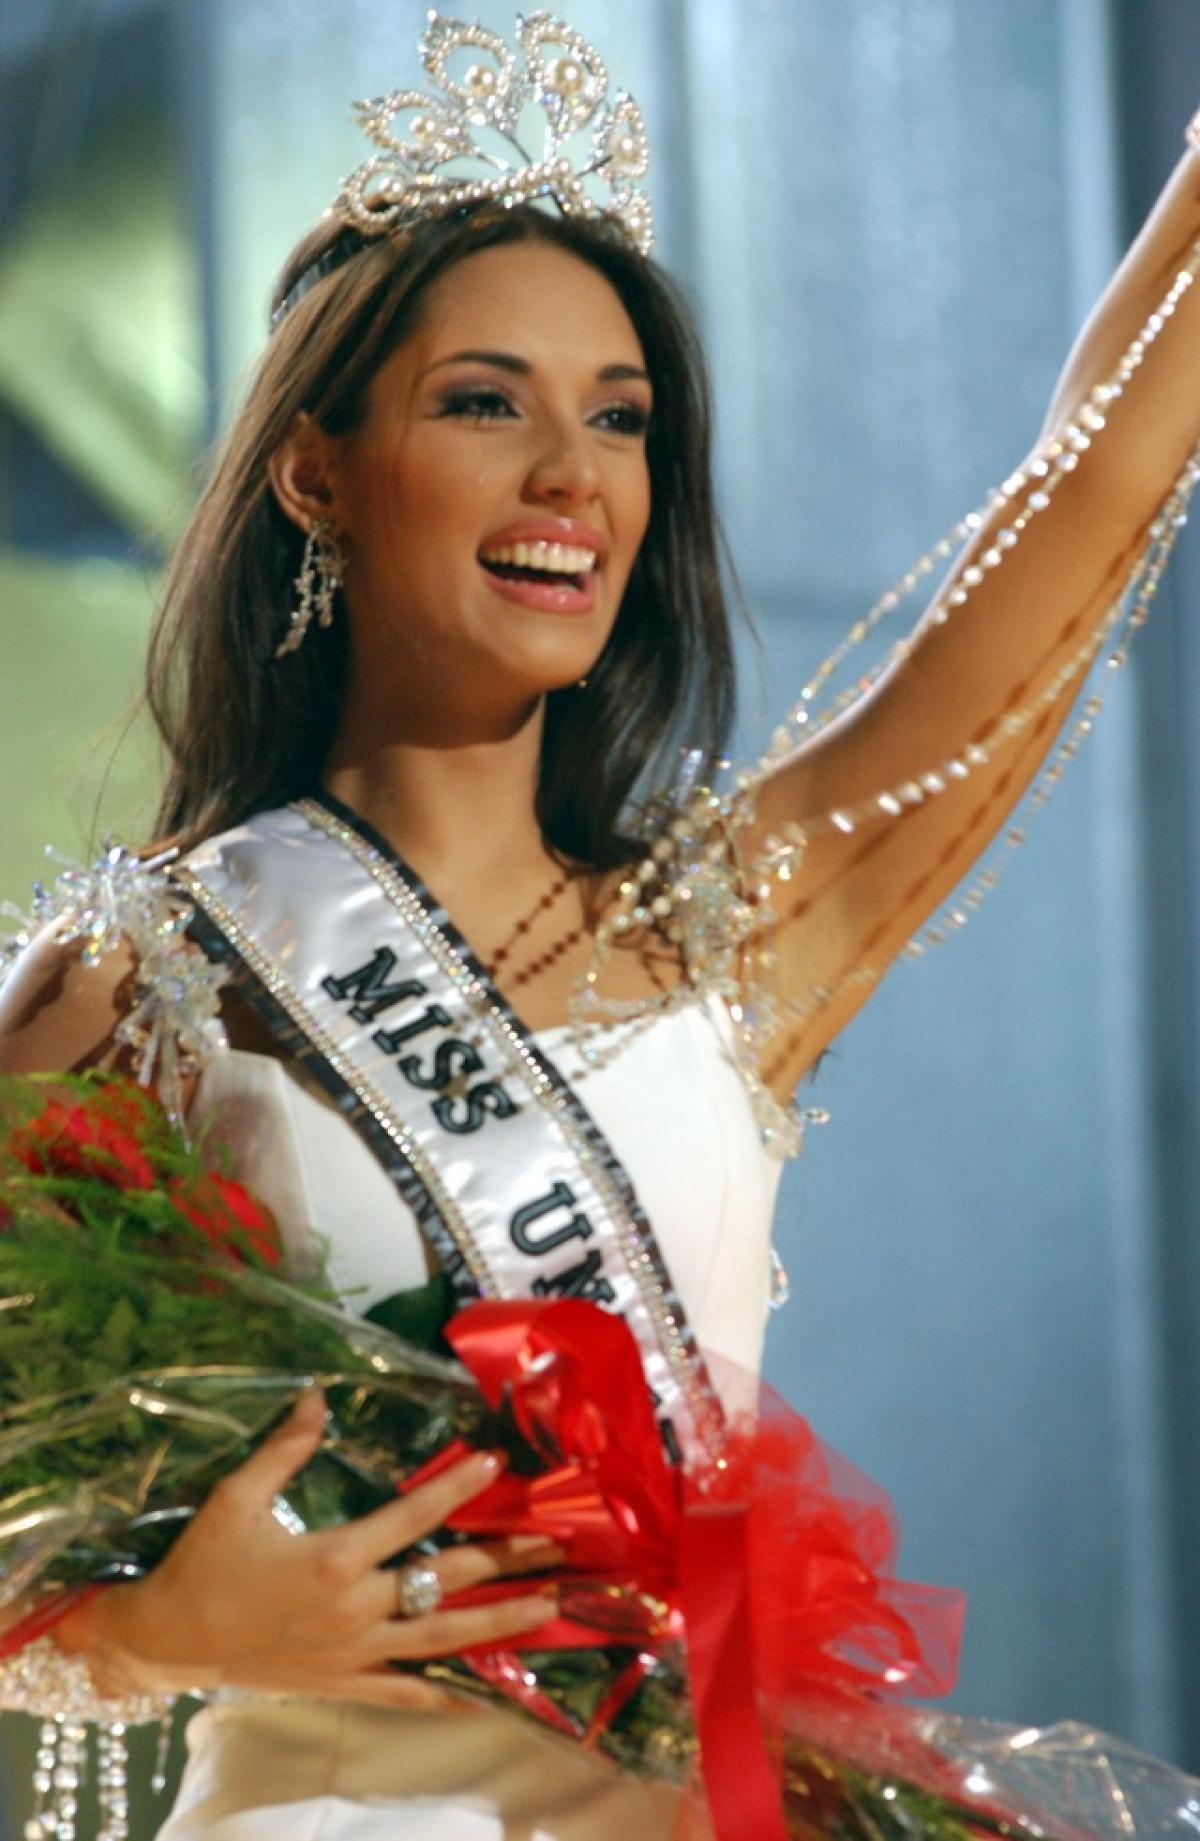 Amelia Patricia Vega Polanco đăng quang Hoa hậu Hoàn vũ năm 2003 và là người đẹp Dominica đầu tiên giành ngôi Hoa hậu Hoàn vũ.